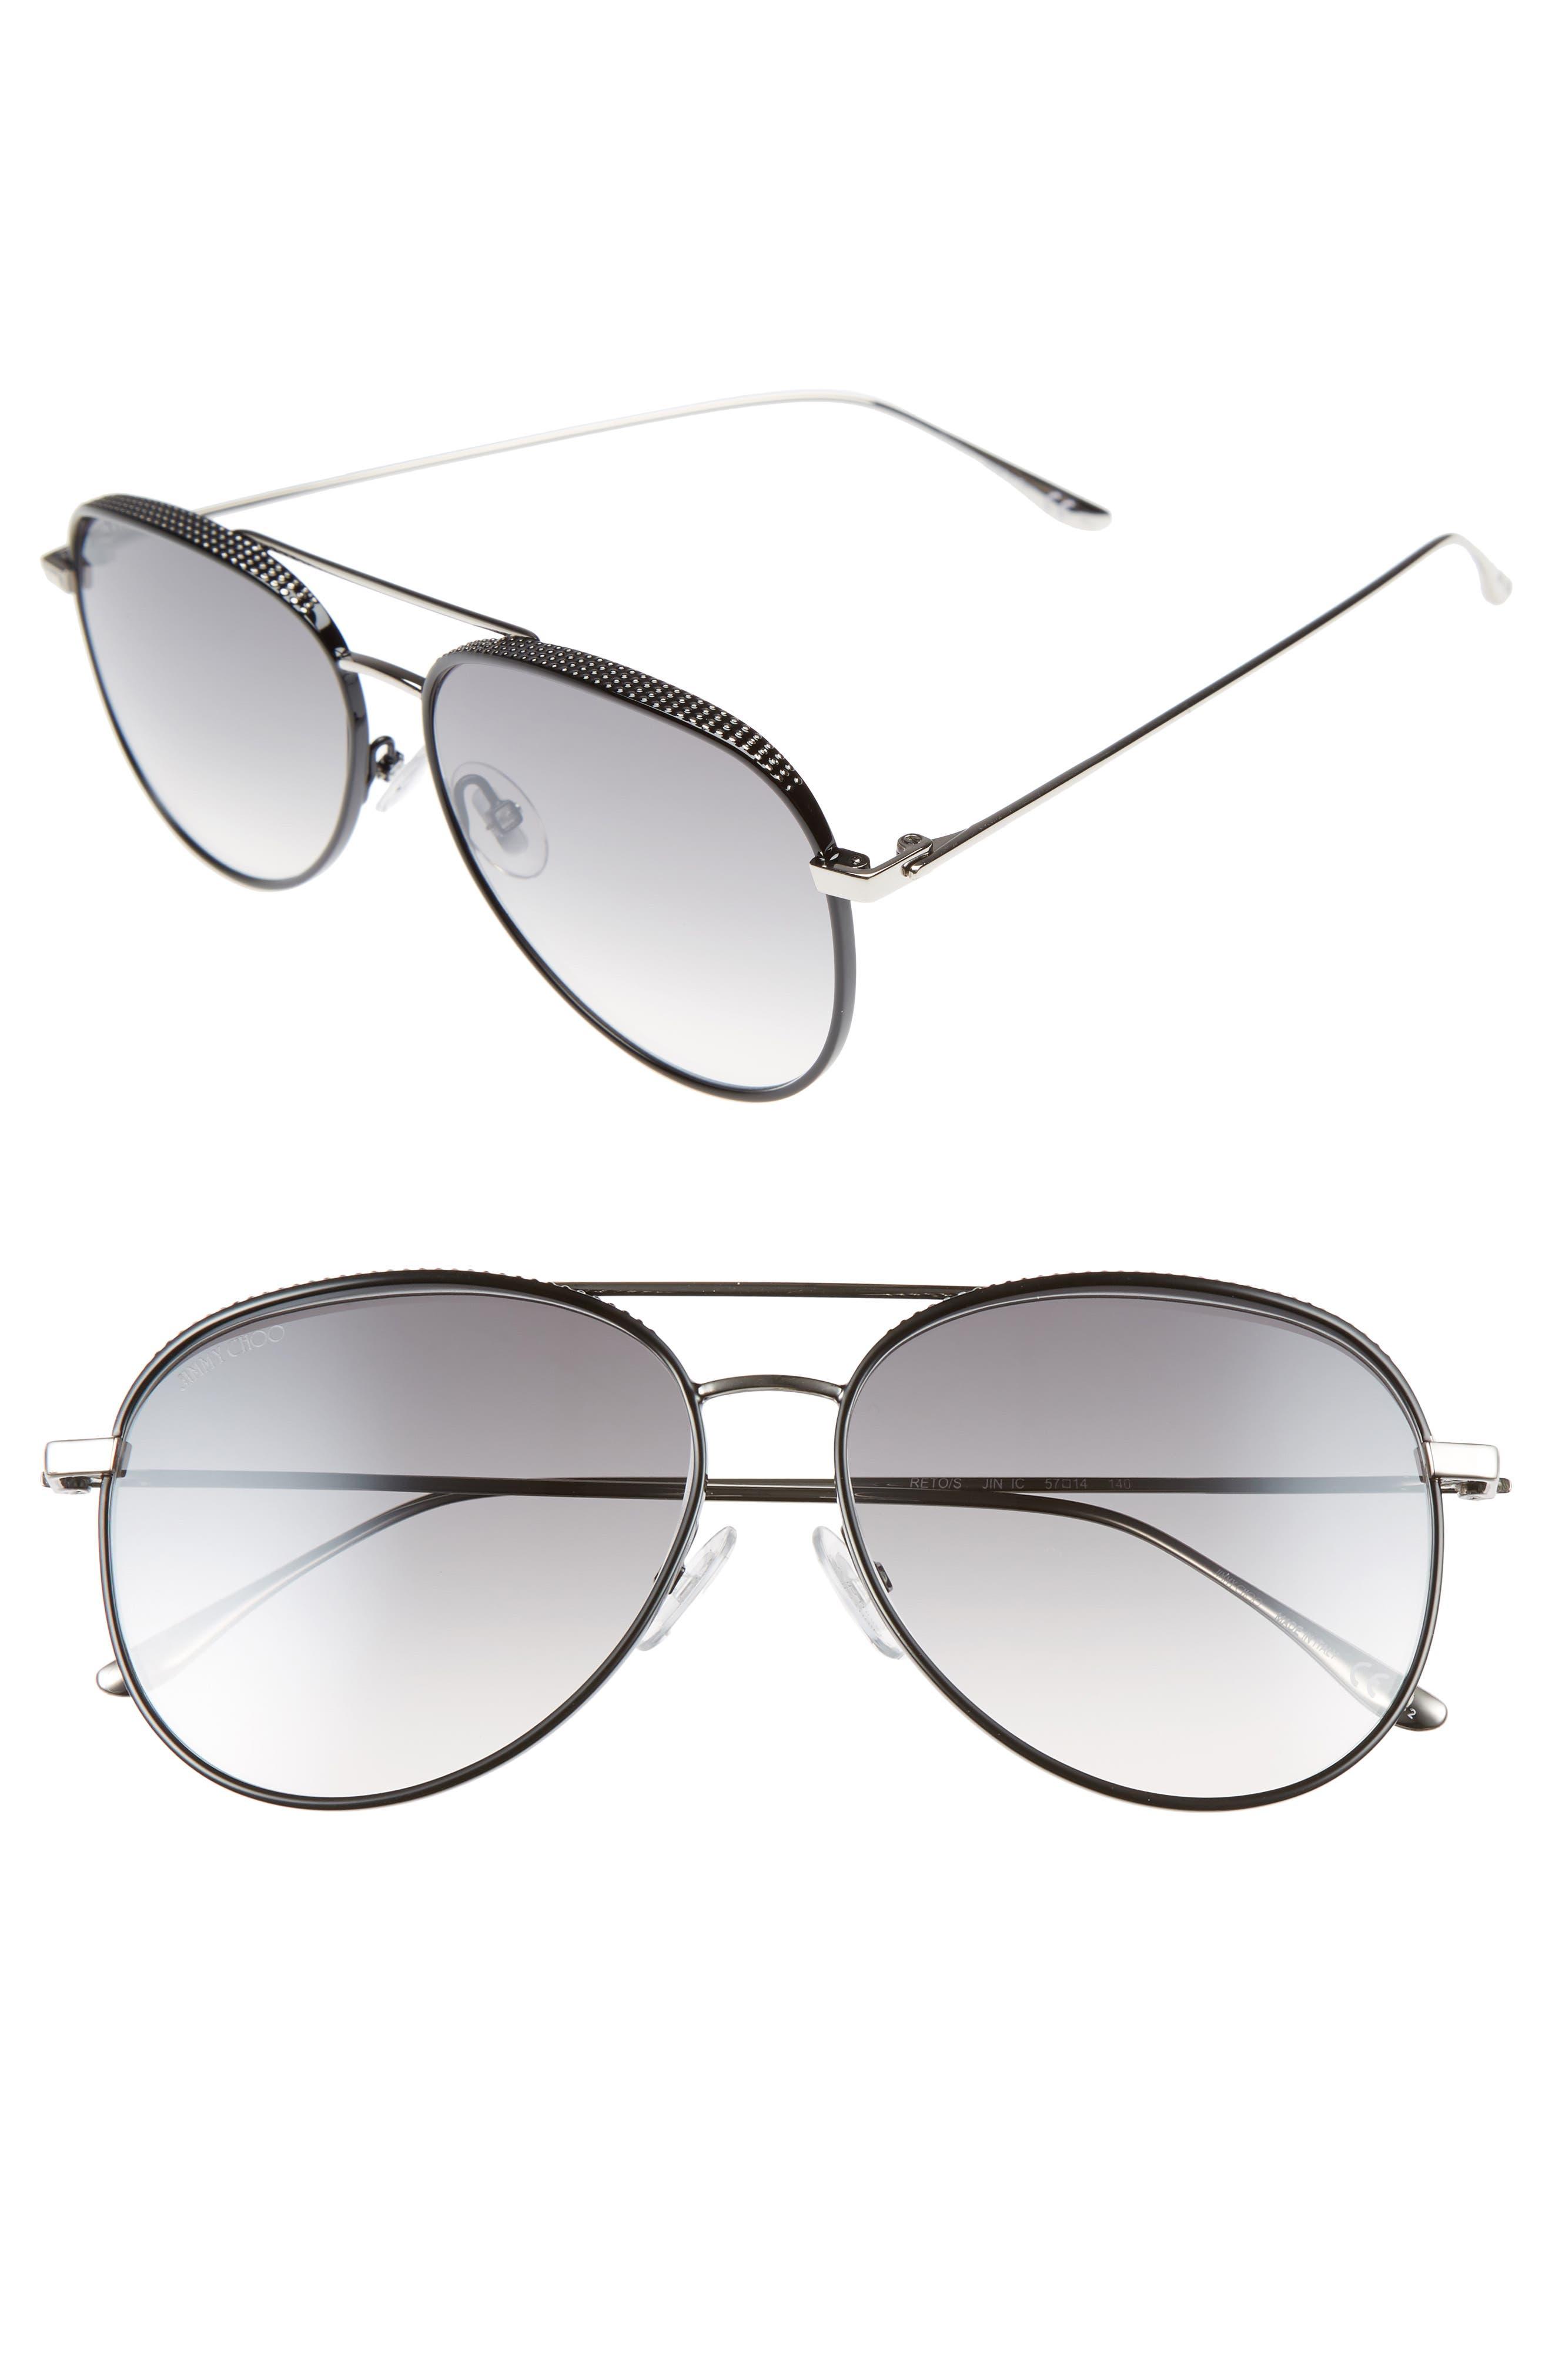 Reto 57mm Sunglasses,                         Main,                         color, SHINY BLACK/ GREY SILVER